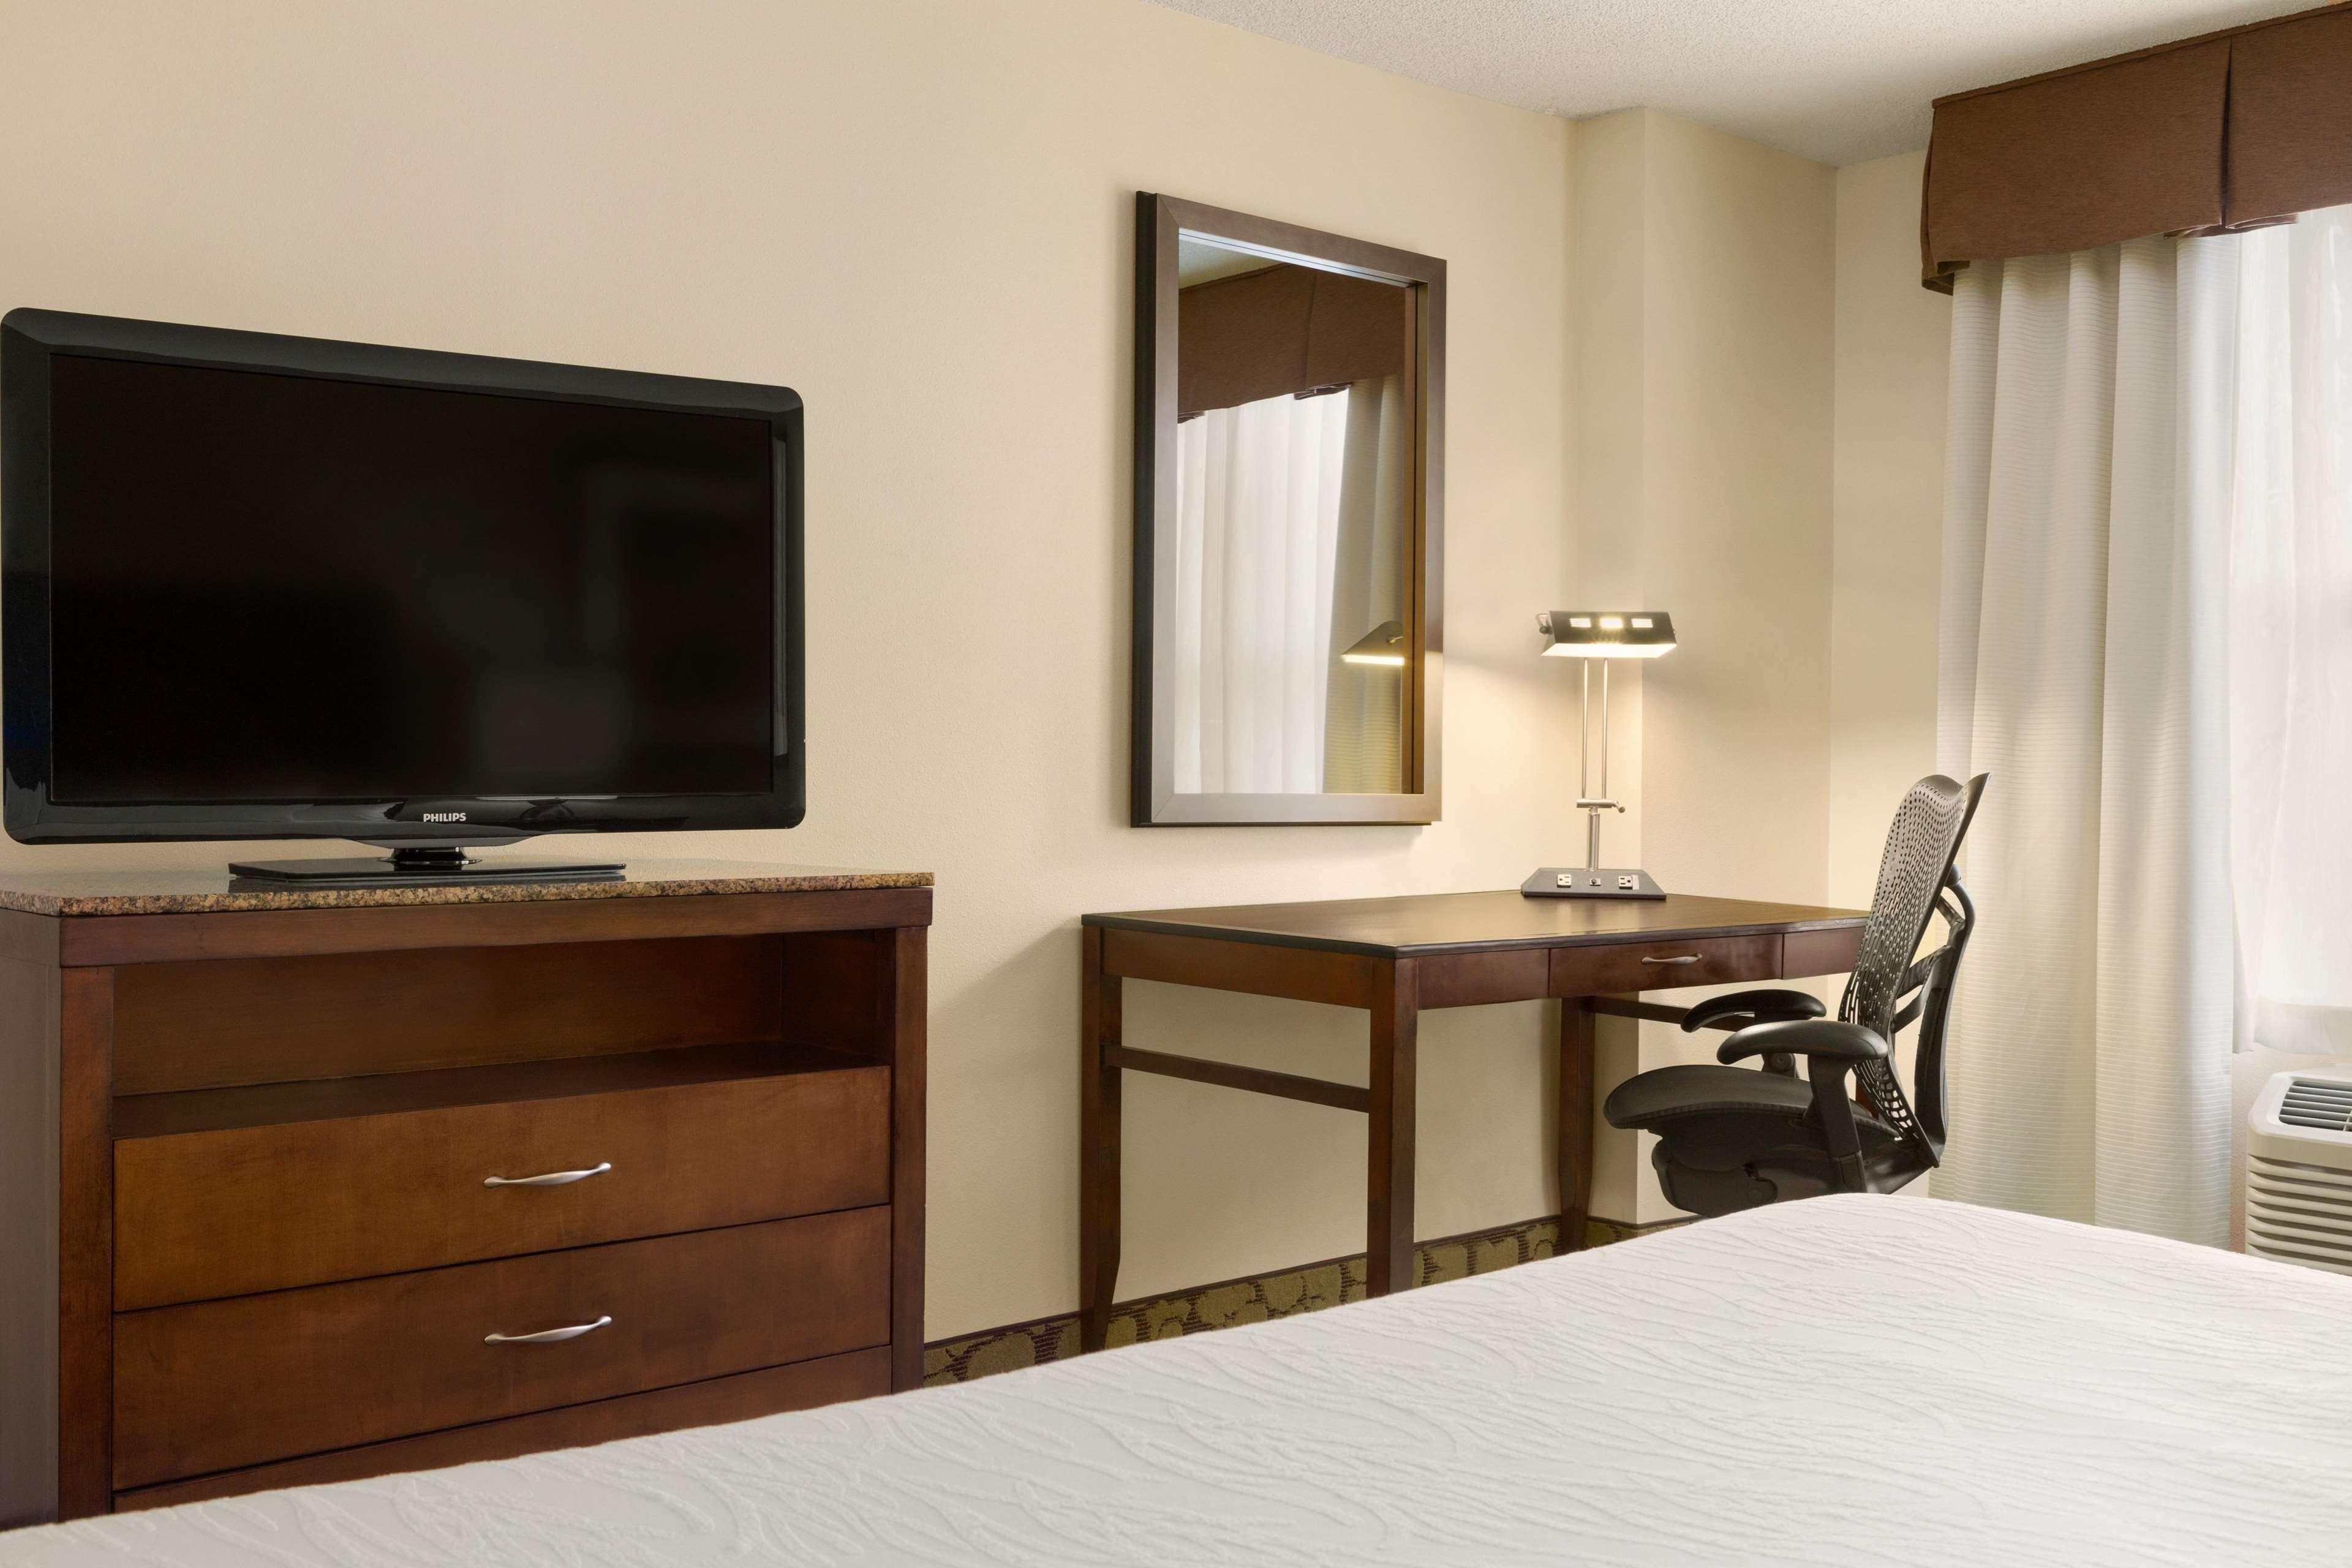 Hilton Garden Inn Atlanta Perimeter Center image 17